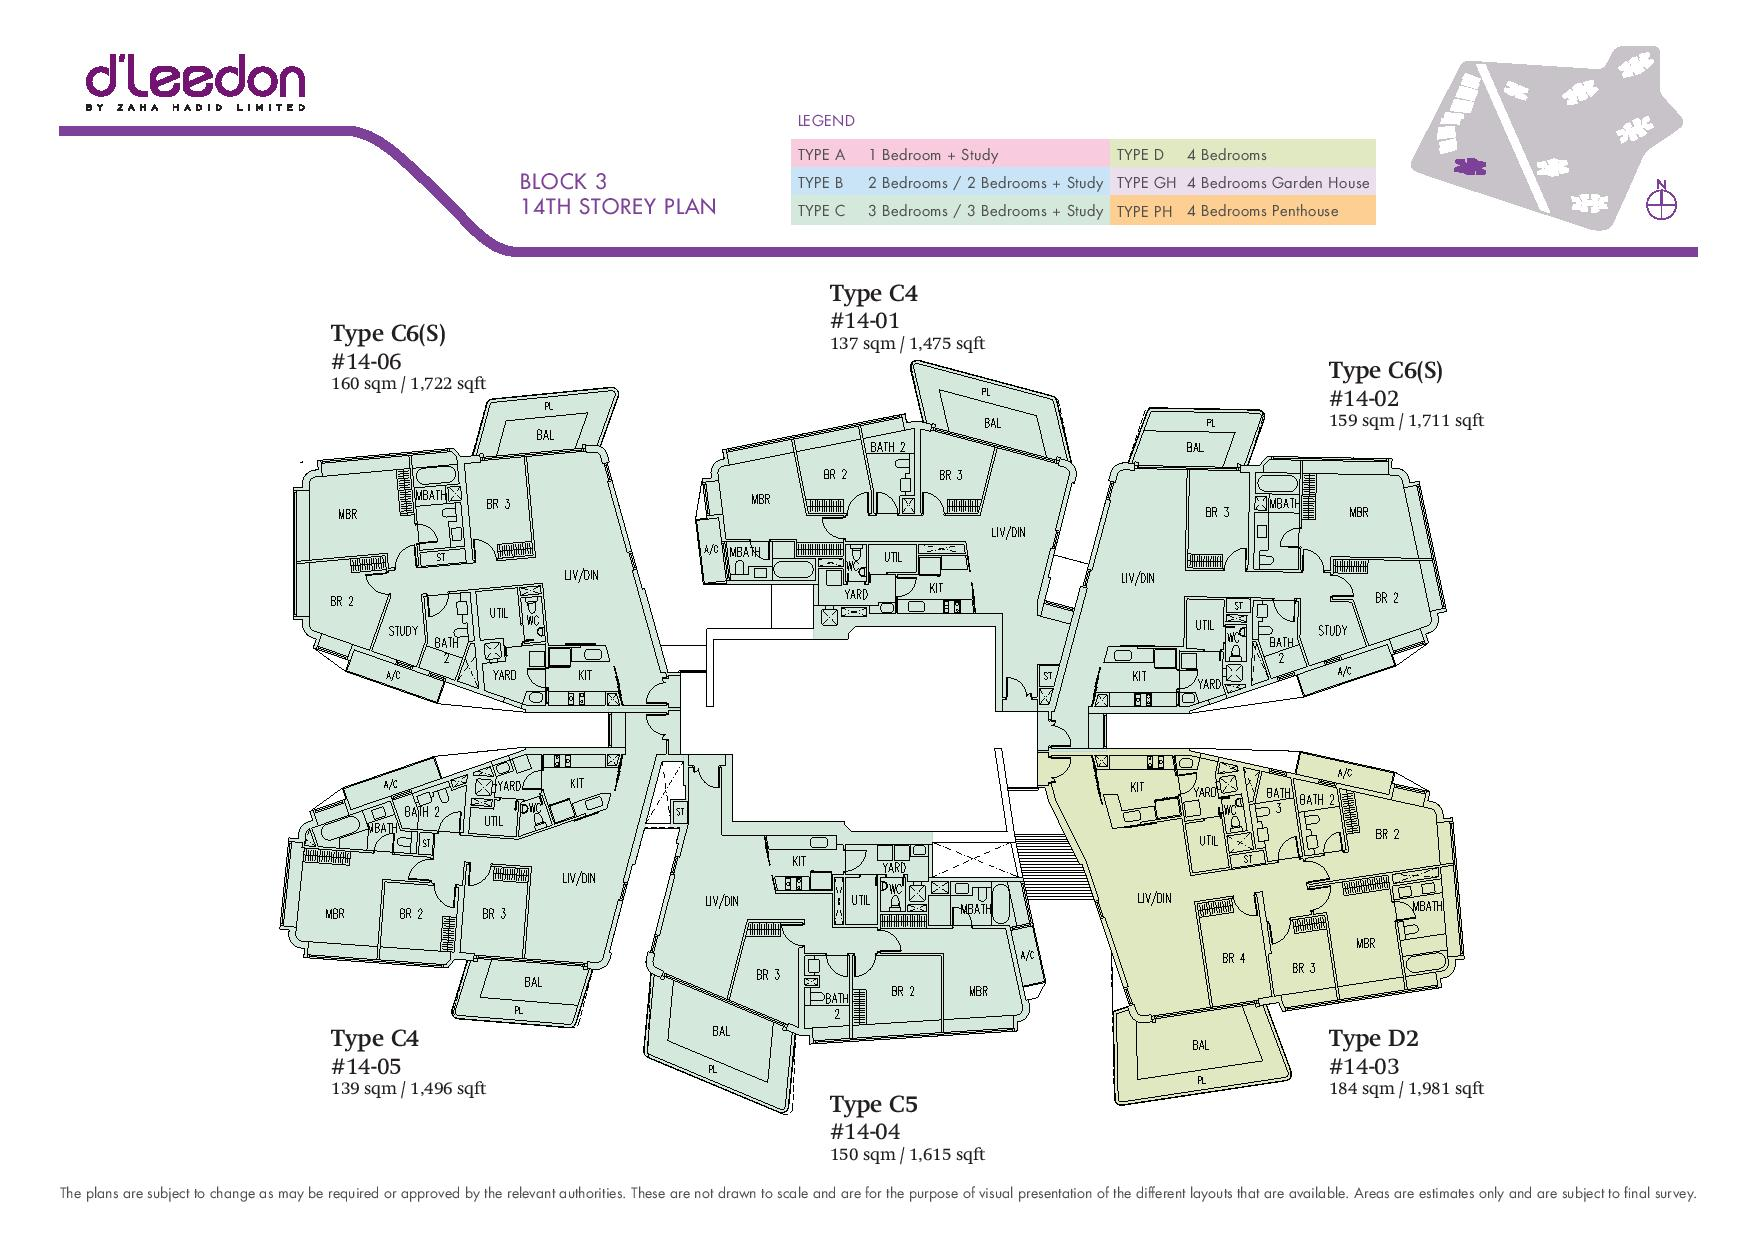 D'Leedon Block 14th Storey Floor Plans